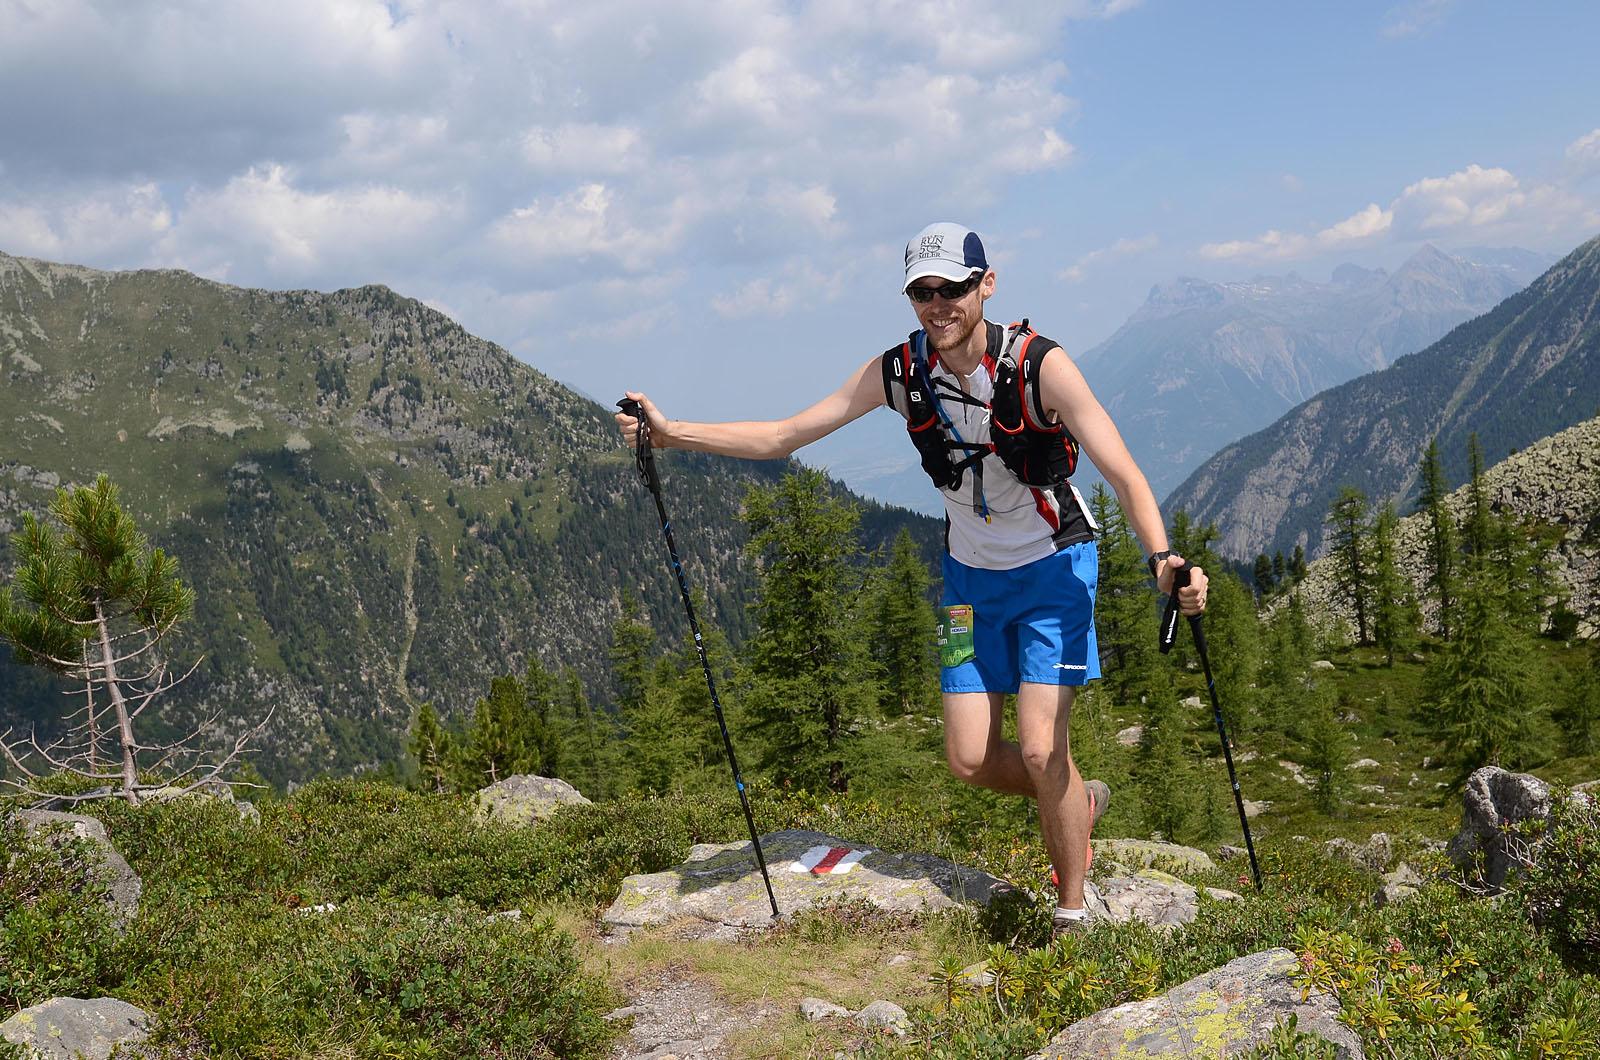 Photographe De Trail Running En Suisse